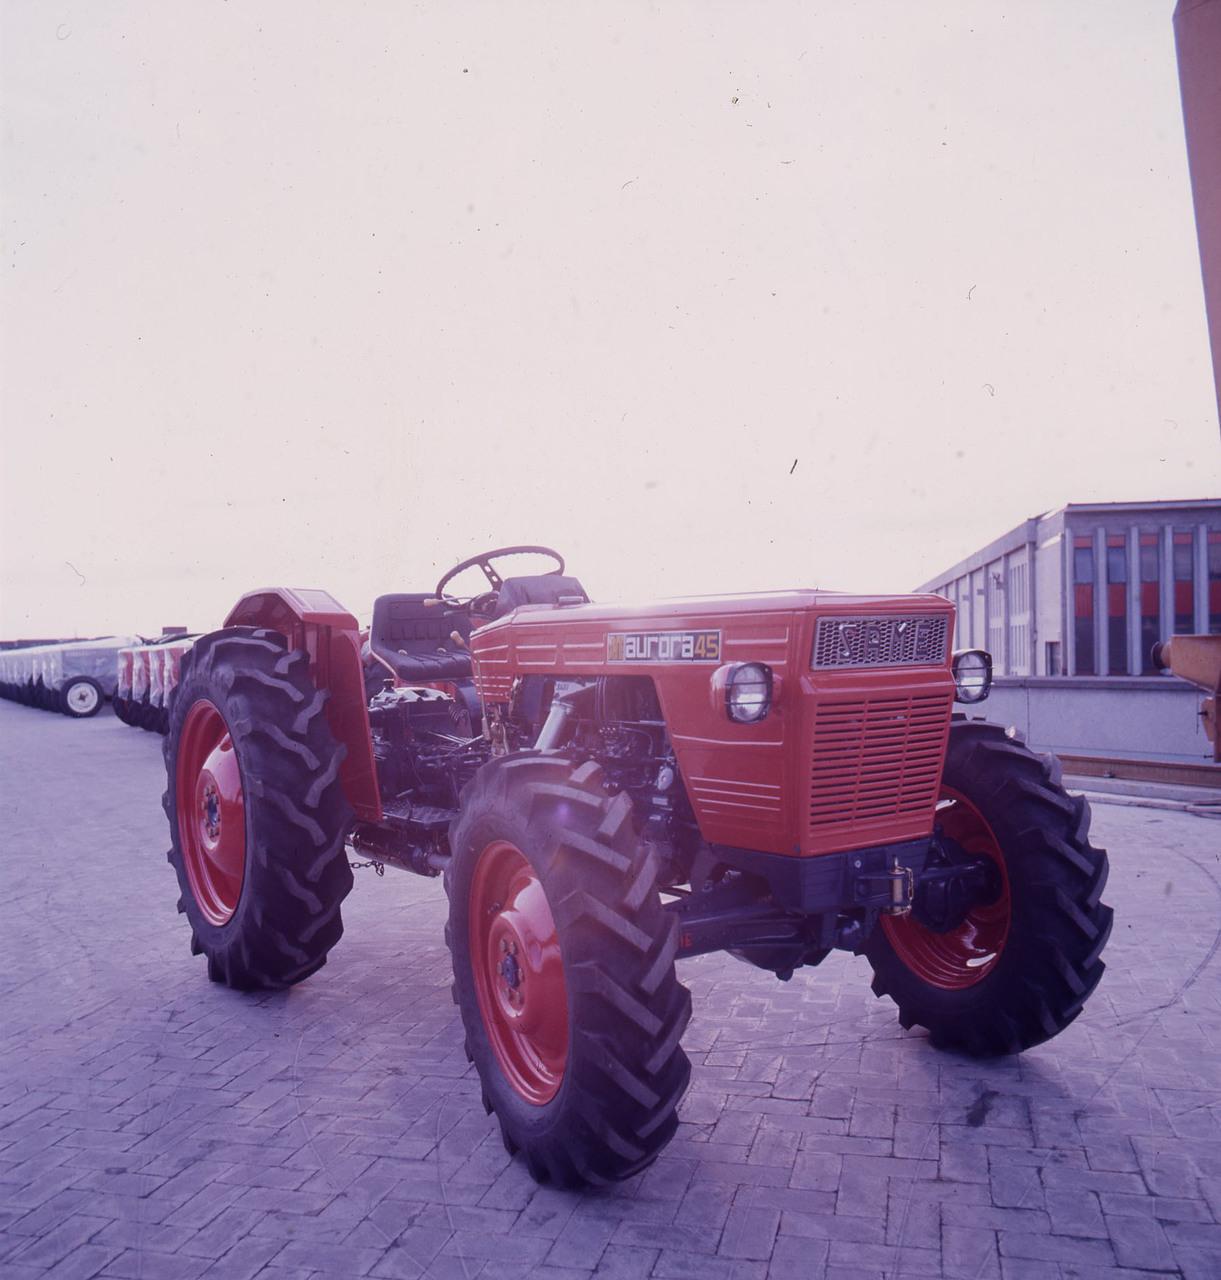 [SAME] trattore Aurora 45 presso lo stabilimento di Treviglio